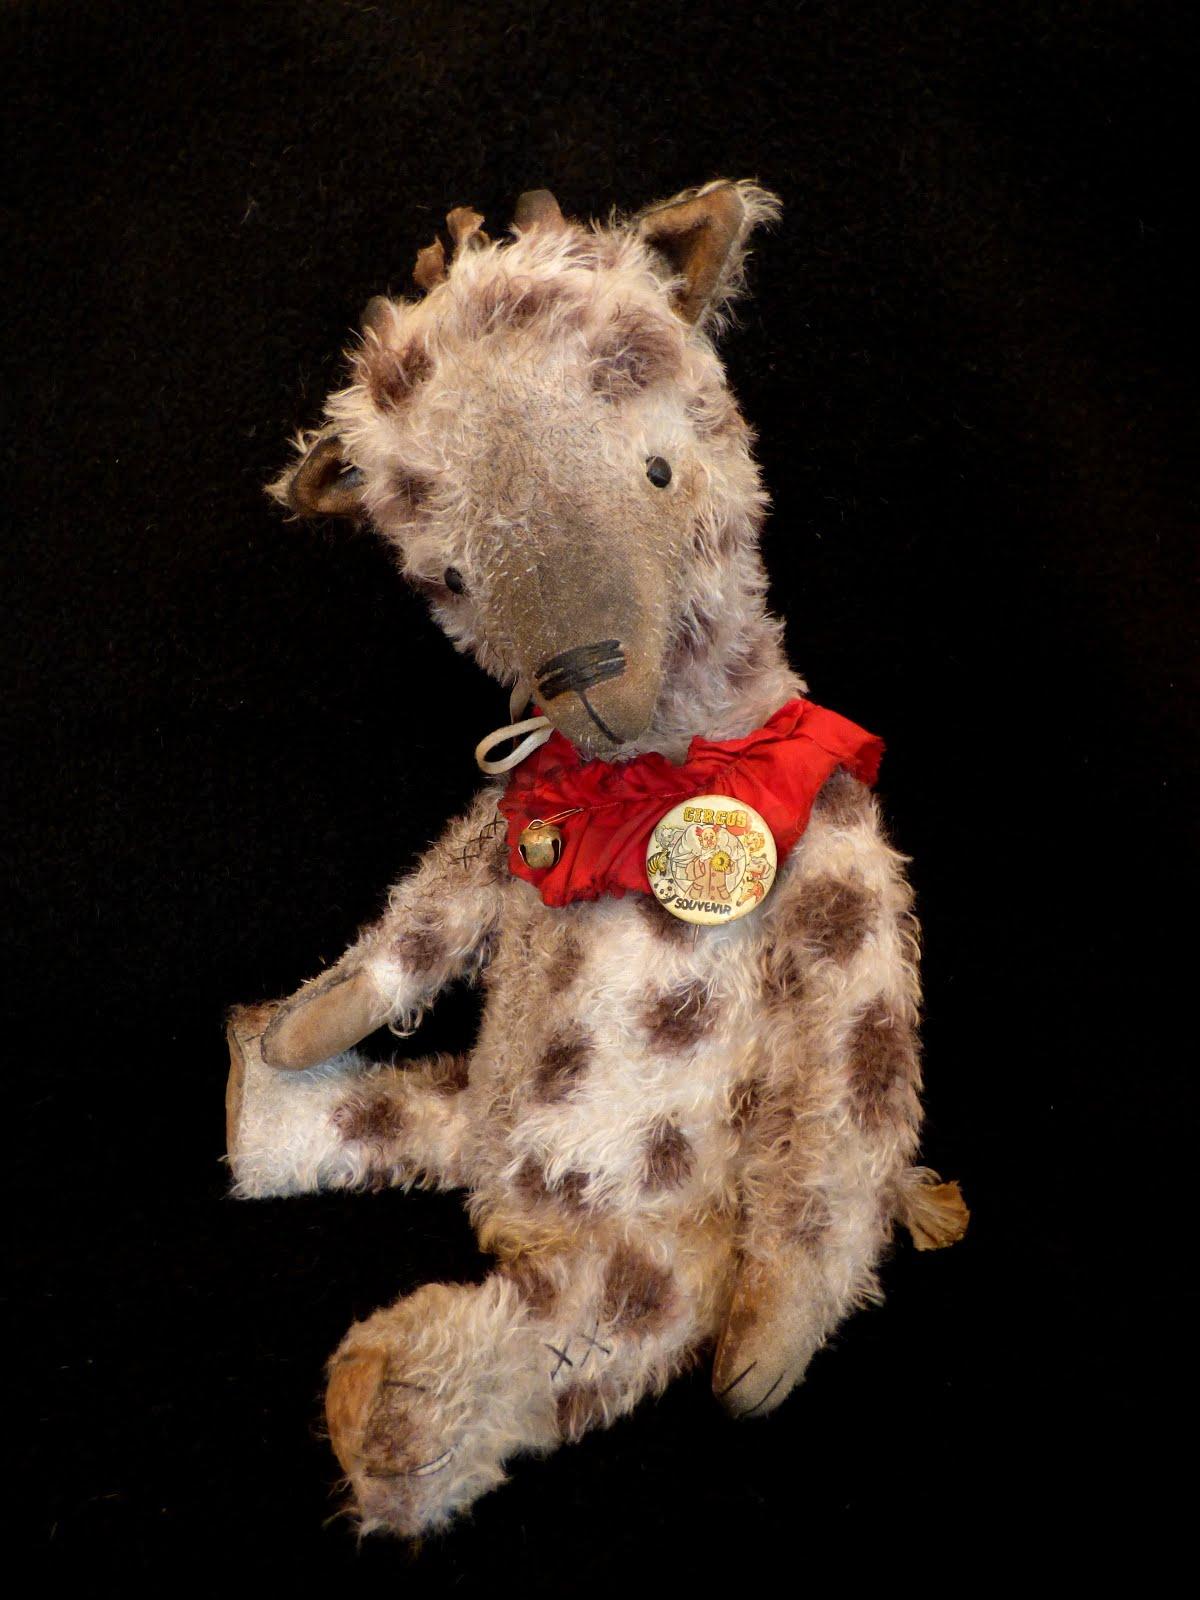 Giblet Jo, a mohair giraffe